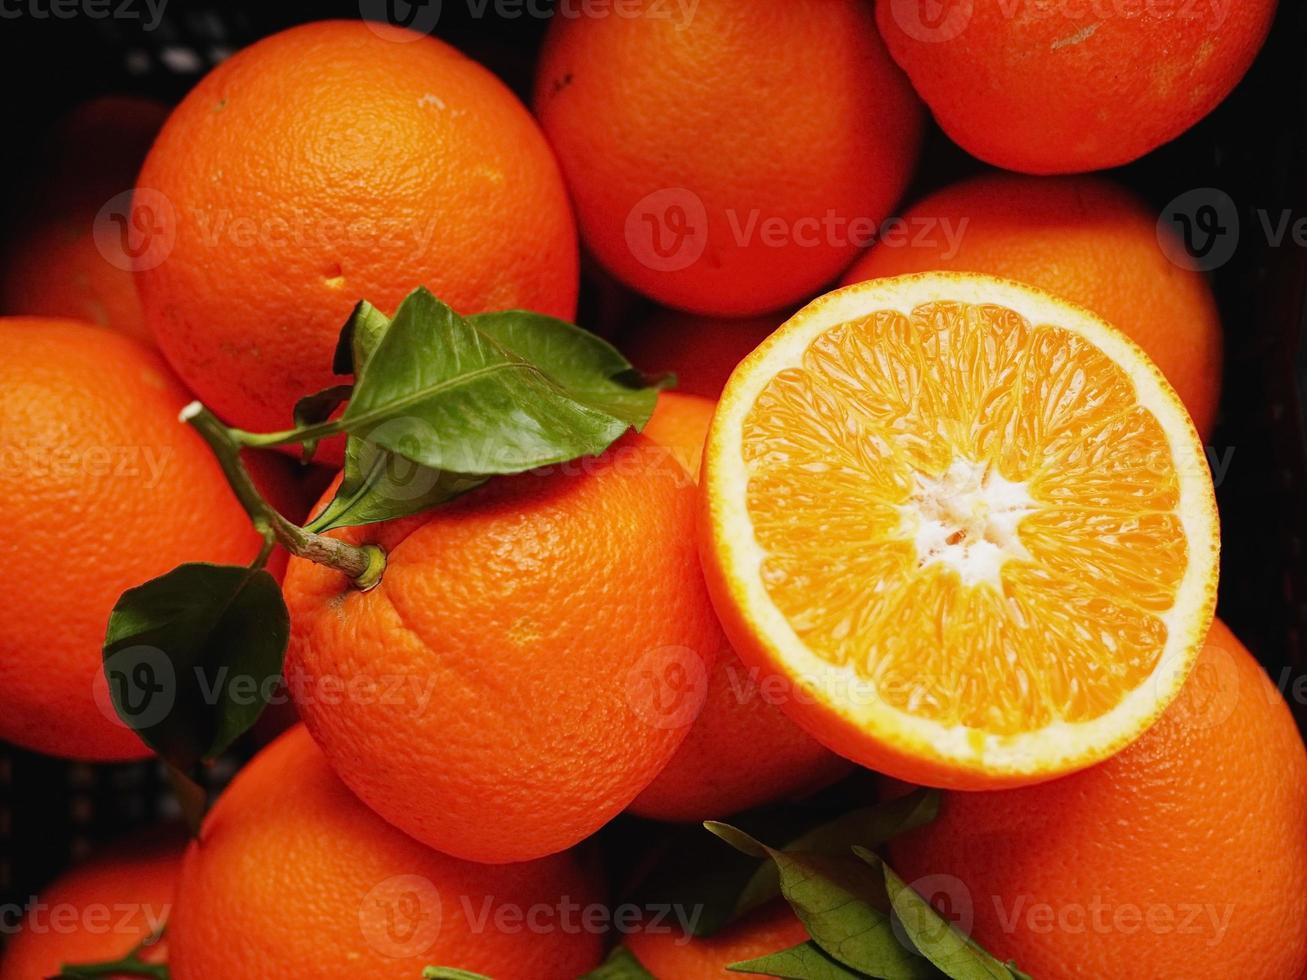 marché bio oranges feuille photo